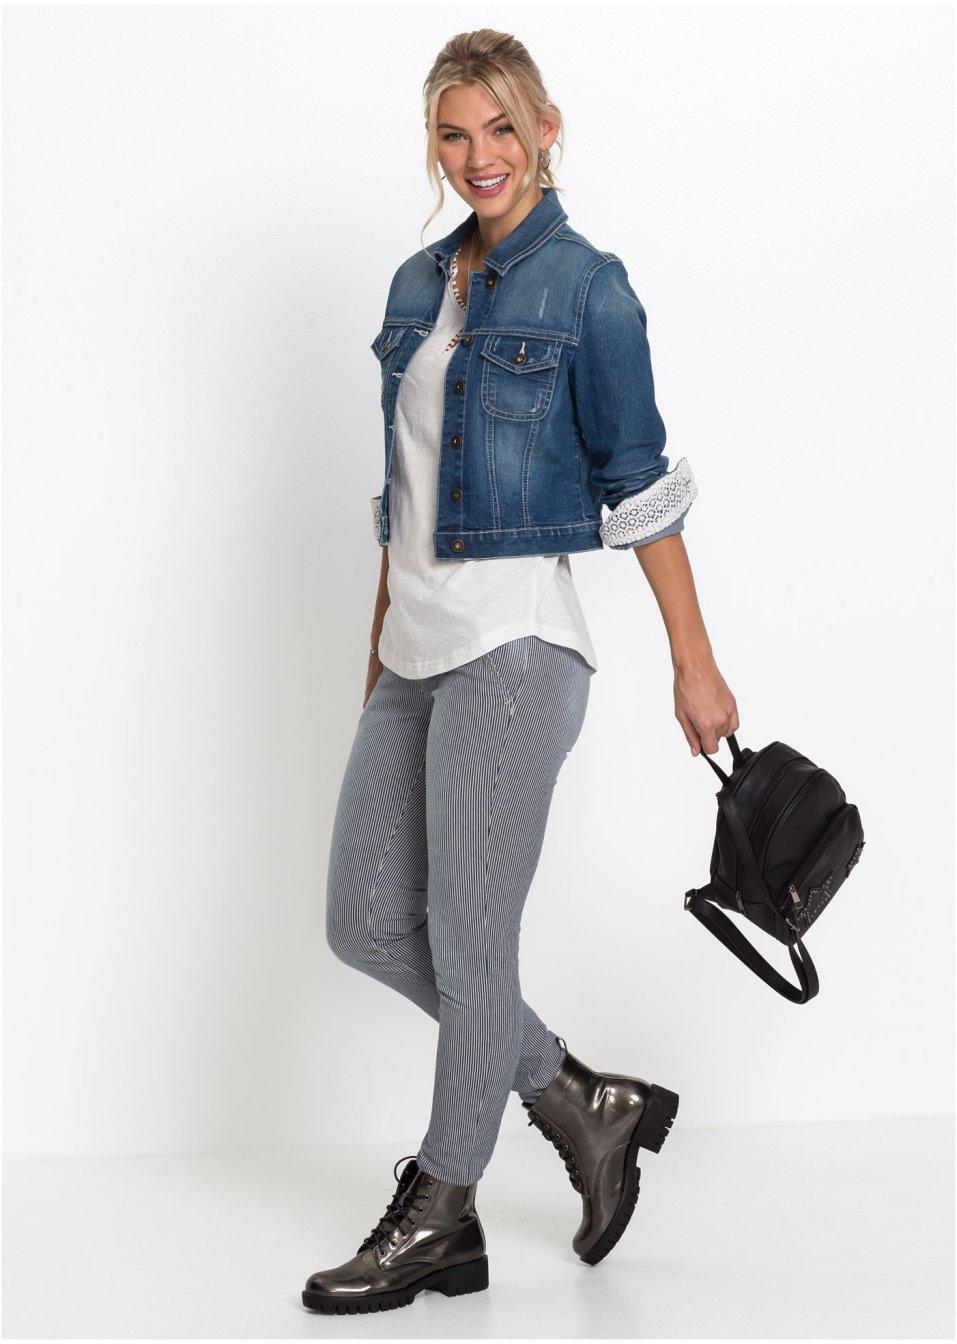 Mode Femme Vêtements DJLfdOFlkj Veste en jean à empiècement dentelle bleu stone RAINBOW commande online .fr